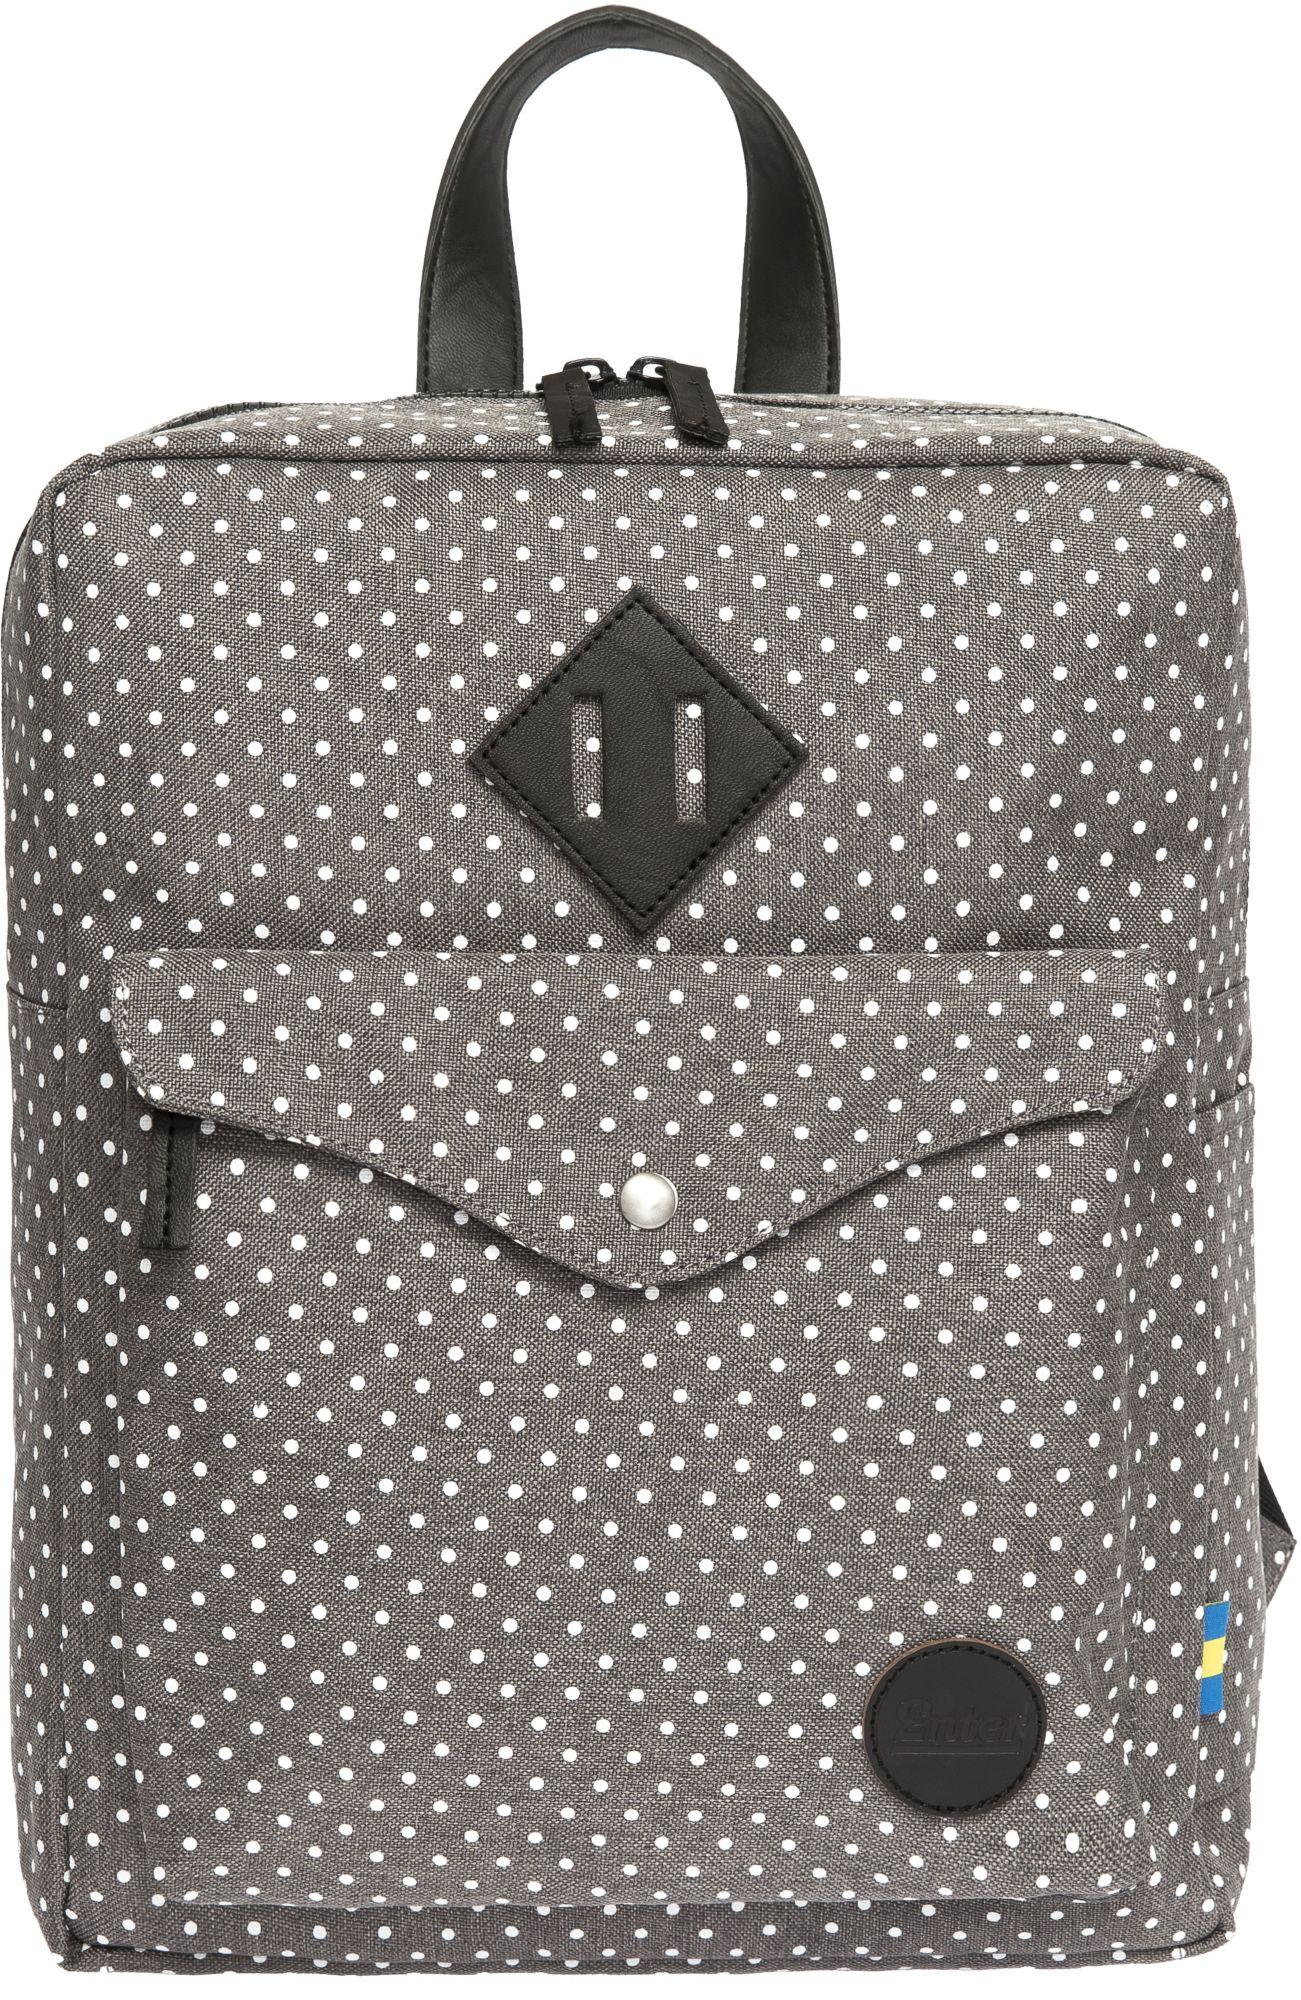 ENTER Enter Rucksack, »Sports Backpack Mini, Melange Grey/White Polkadot«